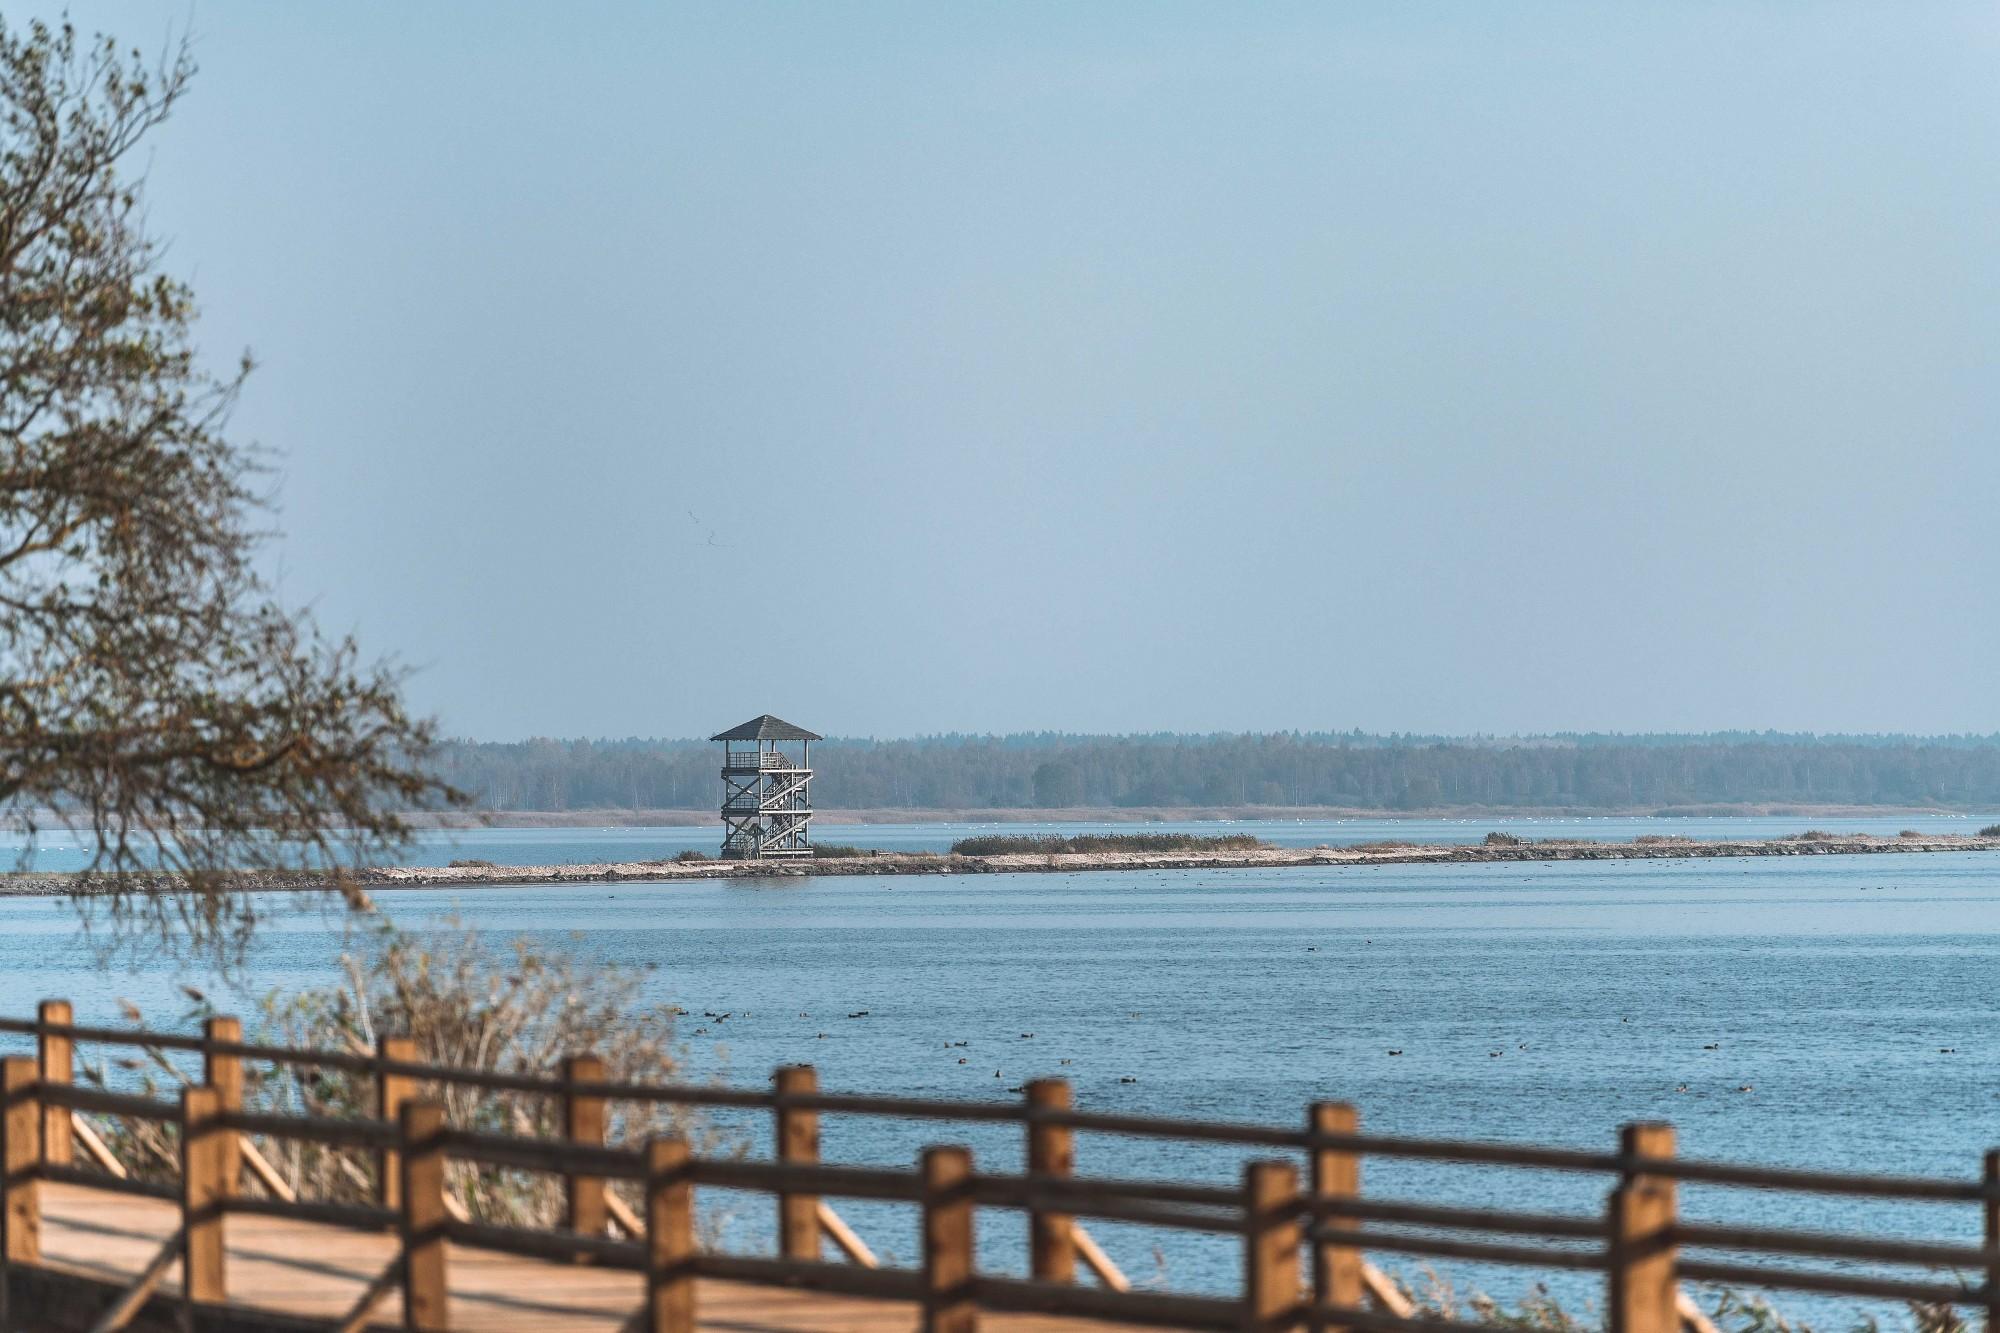 Ap Liepājas ezeru dabas daudzveidību nodrošina gan pļāvēji, gan zālēdāji